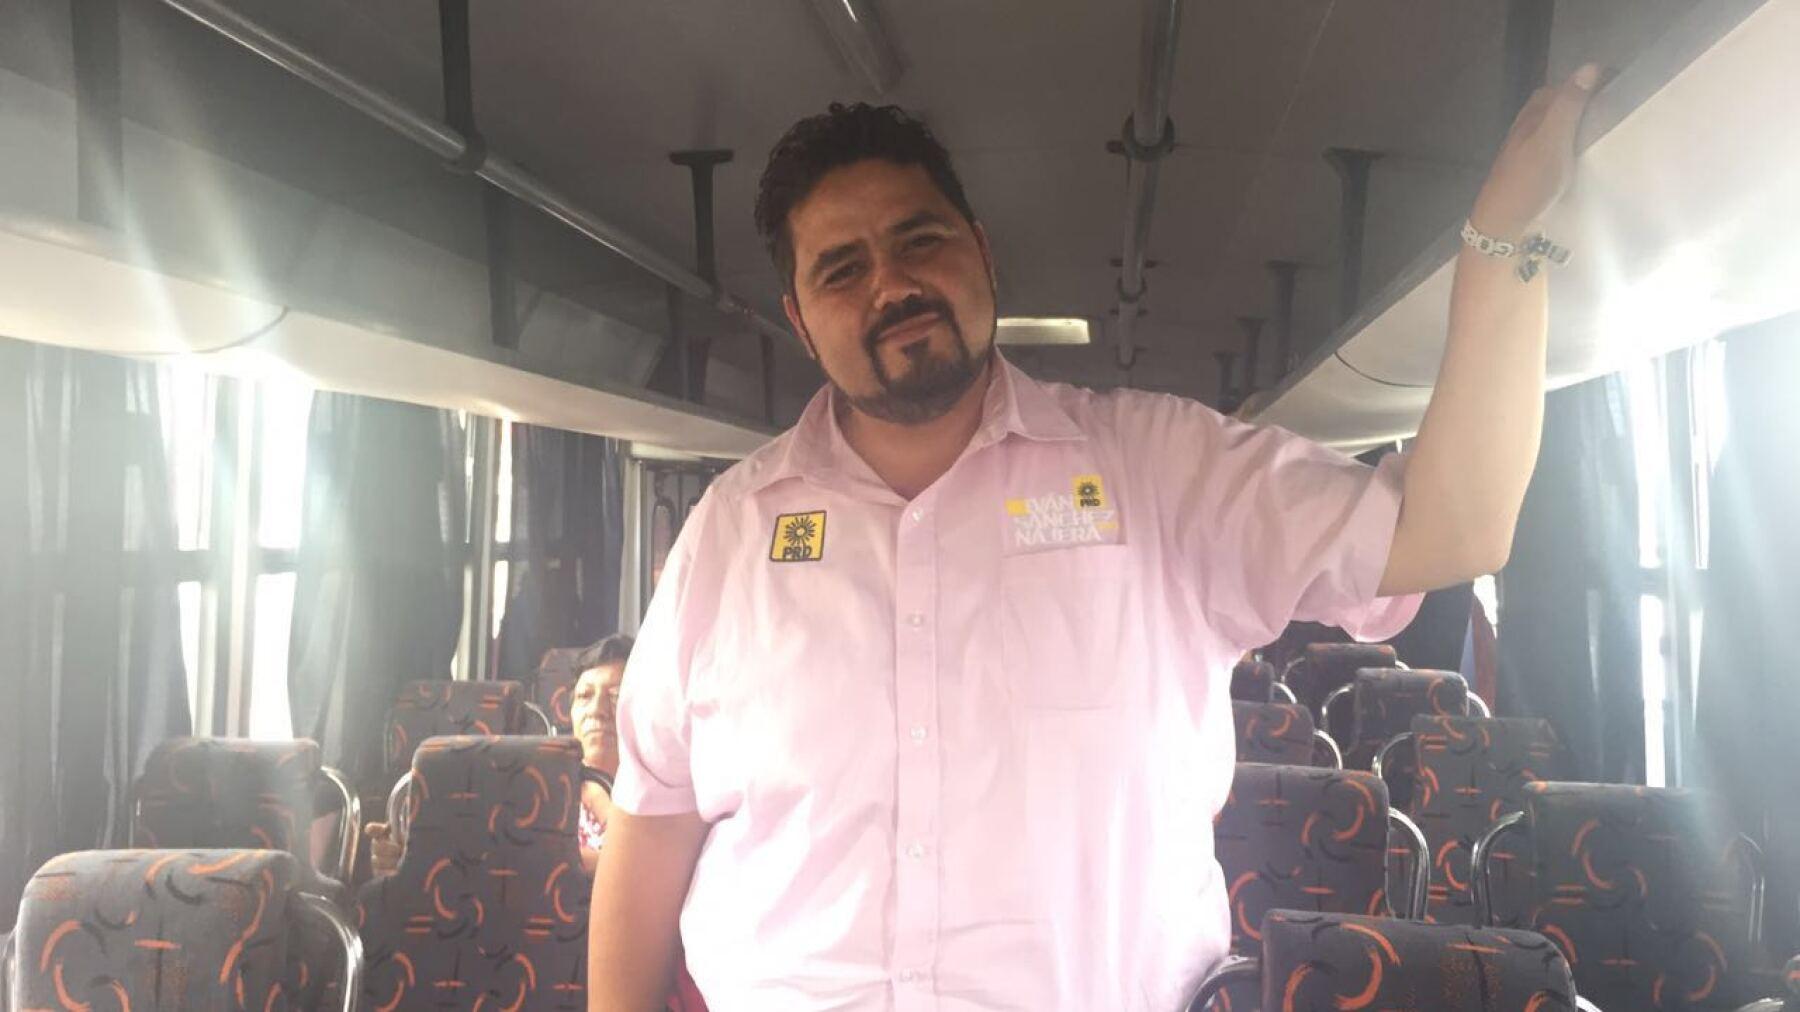 Entre los planteamientos de campaña del candidato del PRD a gobernador de Aguascalientes, Iván Sánchez Nájera, destacan los de educación.